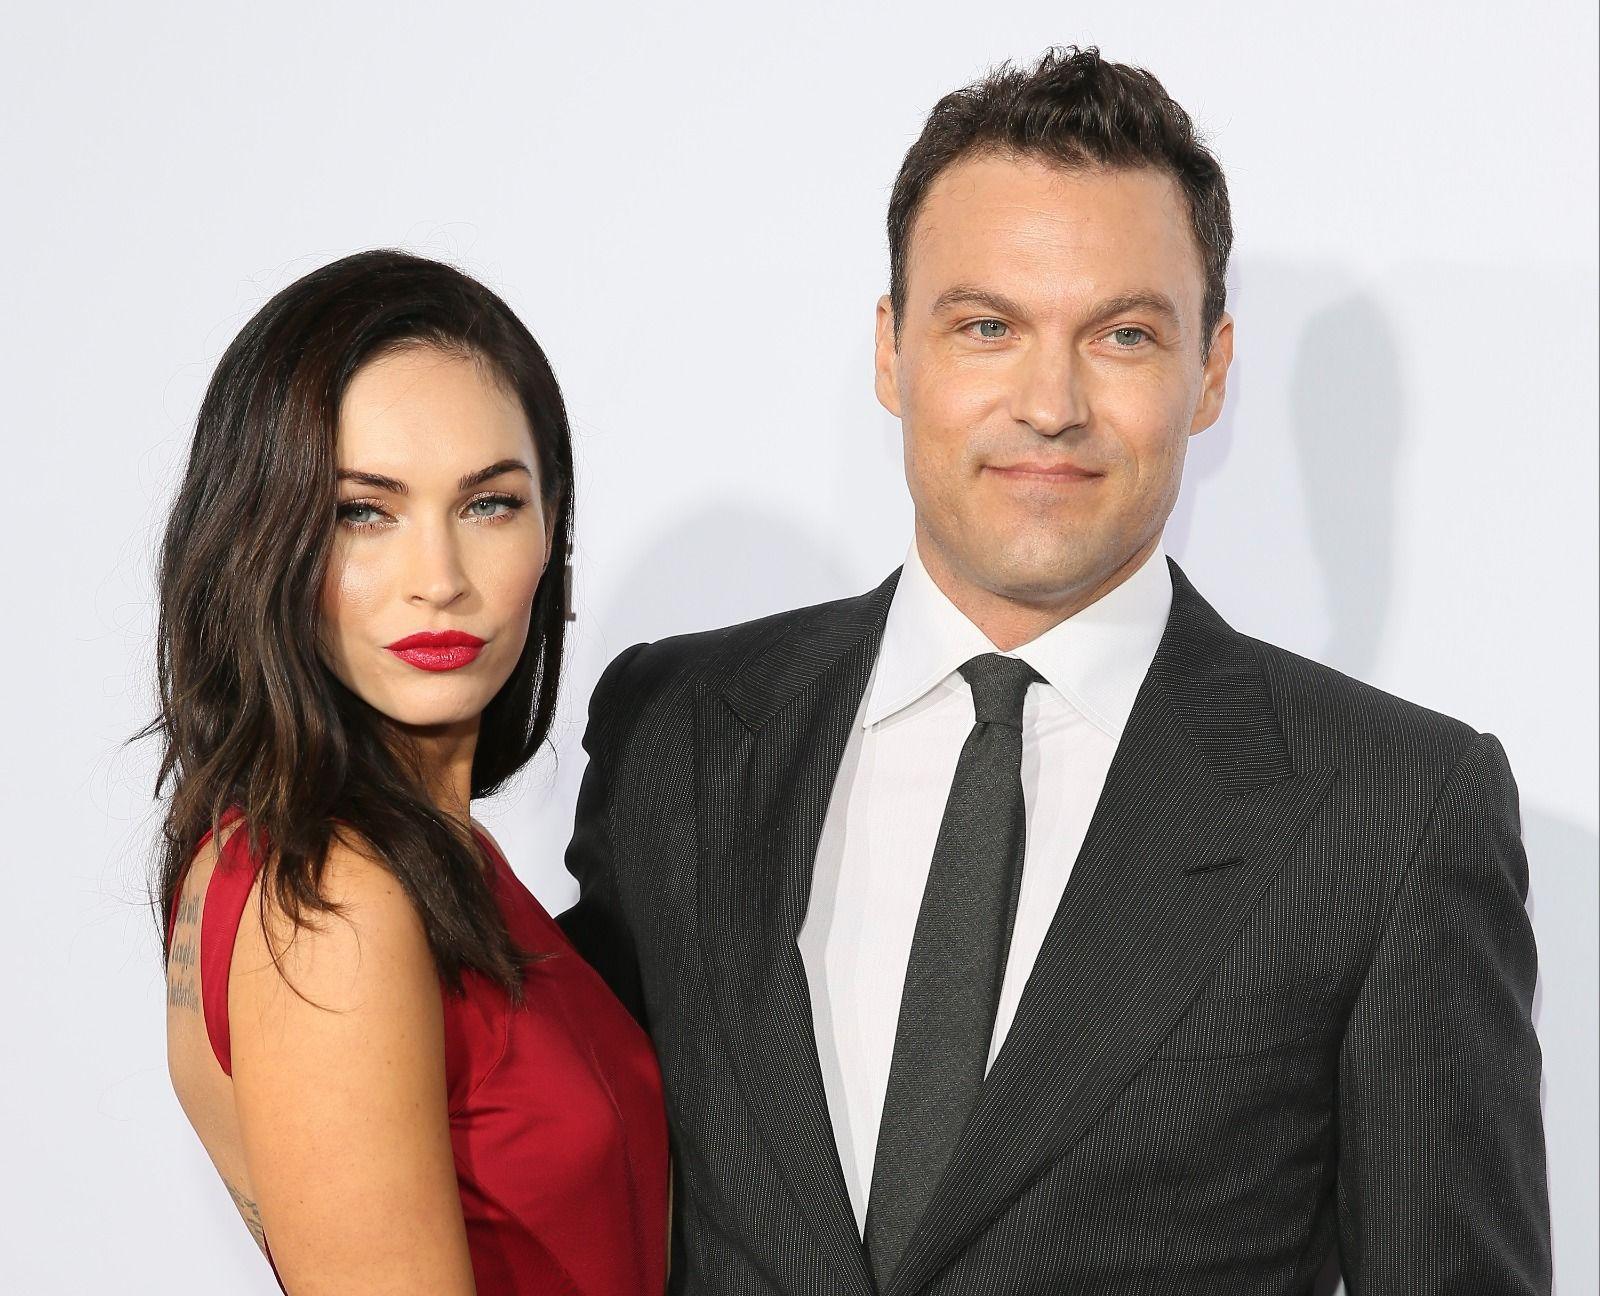 E' di nuovo crisi tra Megan Fox e Brian Austin Green?